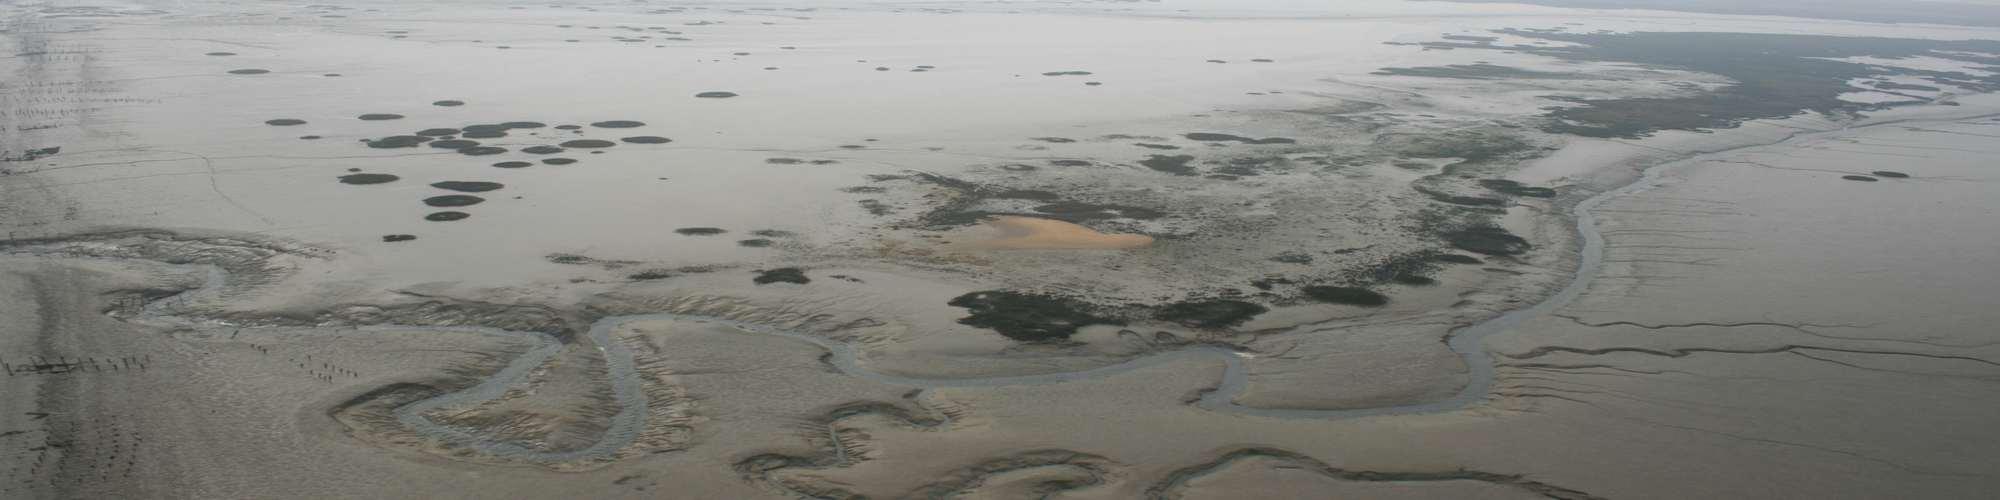 Chenal de marée dans vasière